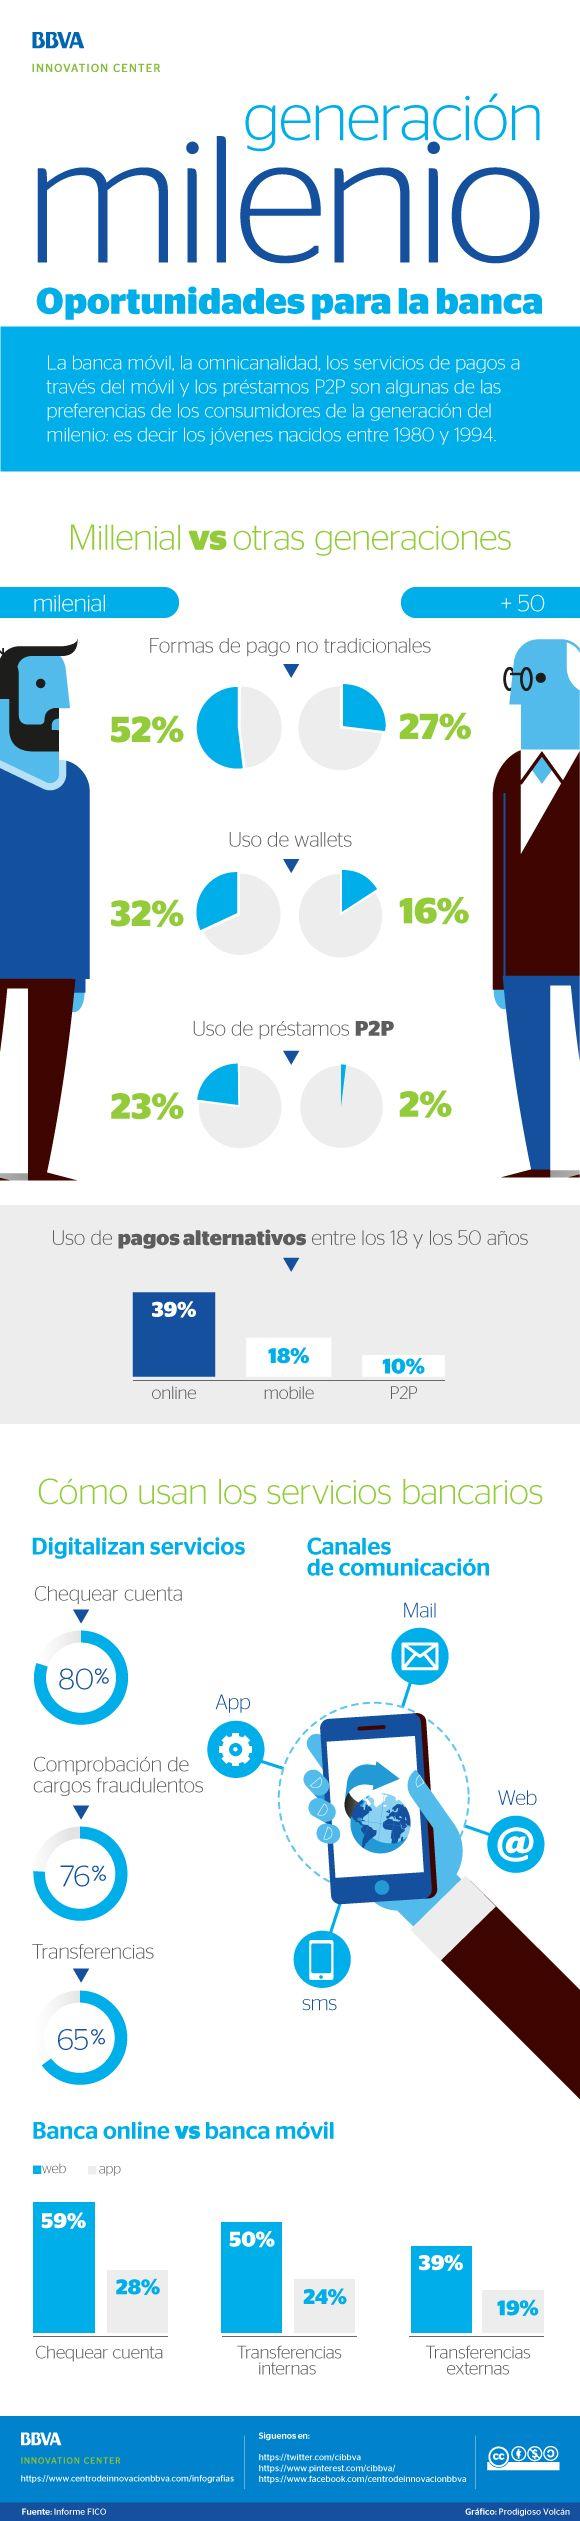 Infografia: Generación del milenio, oportunidades para la banca - BBVA Innovation Center